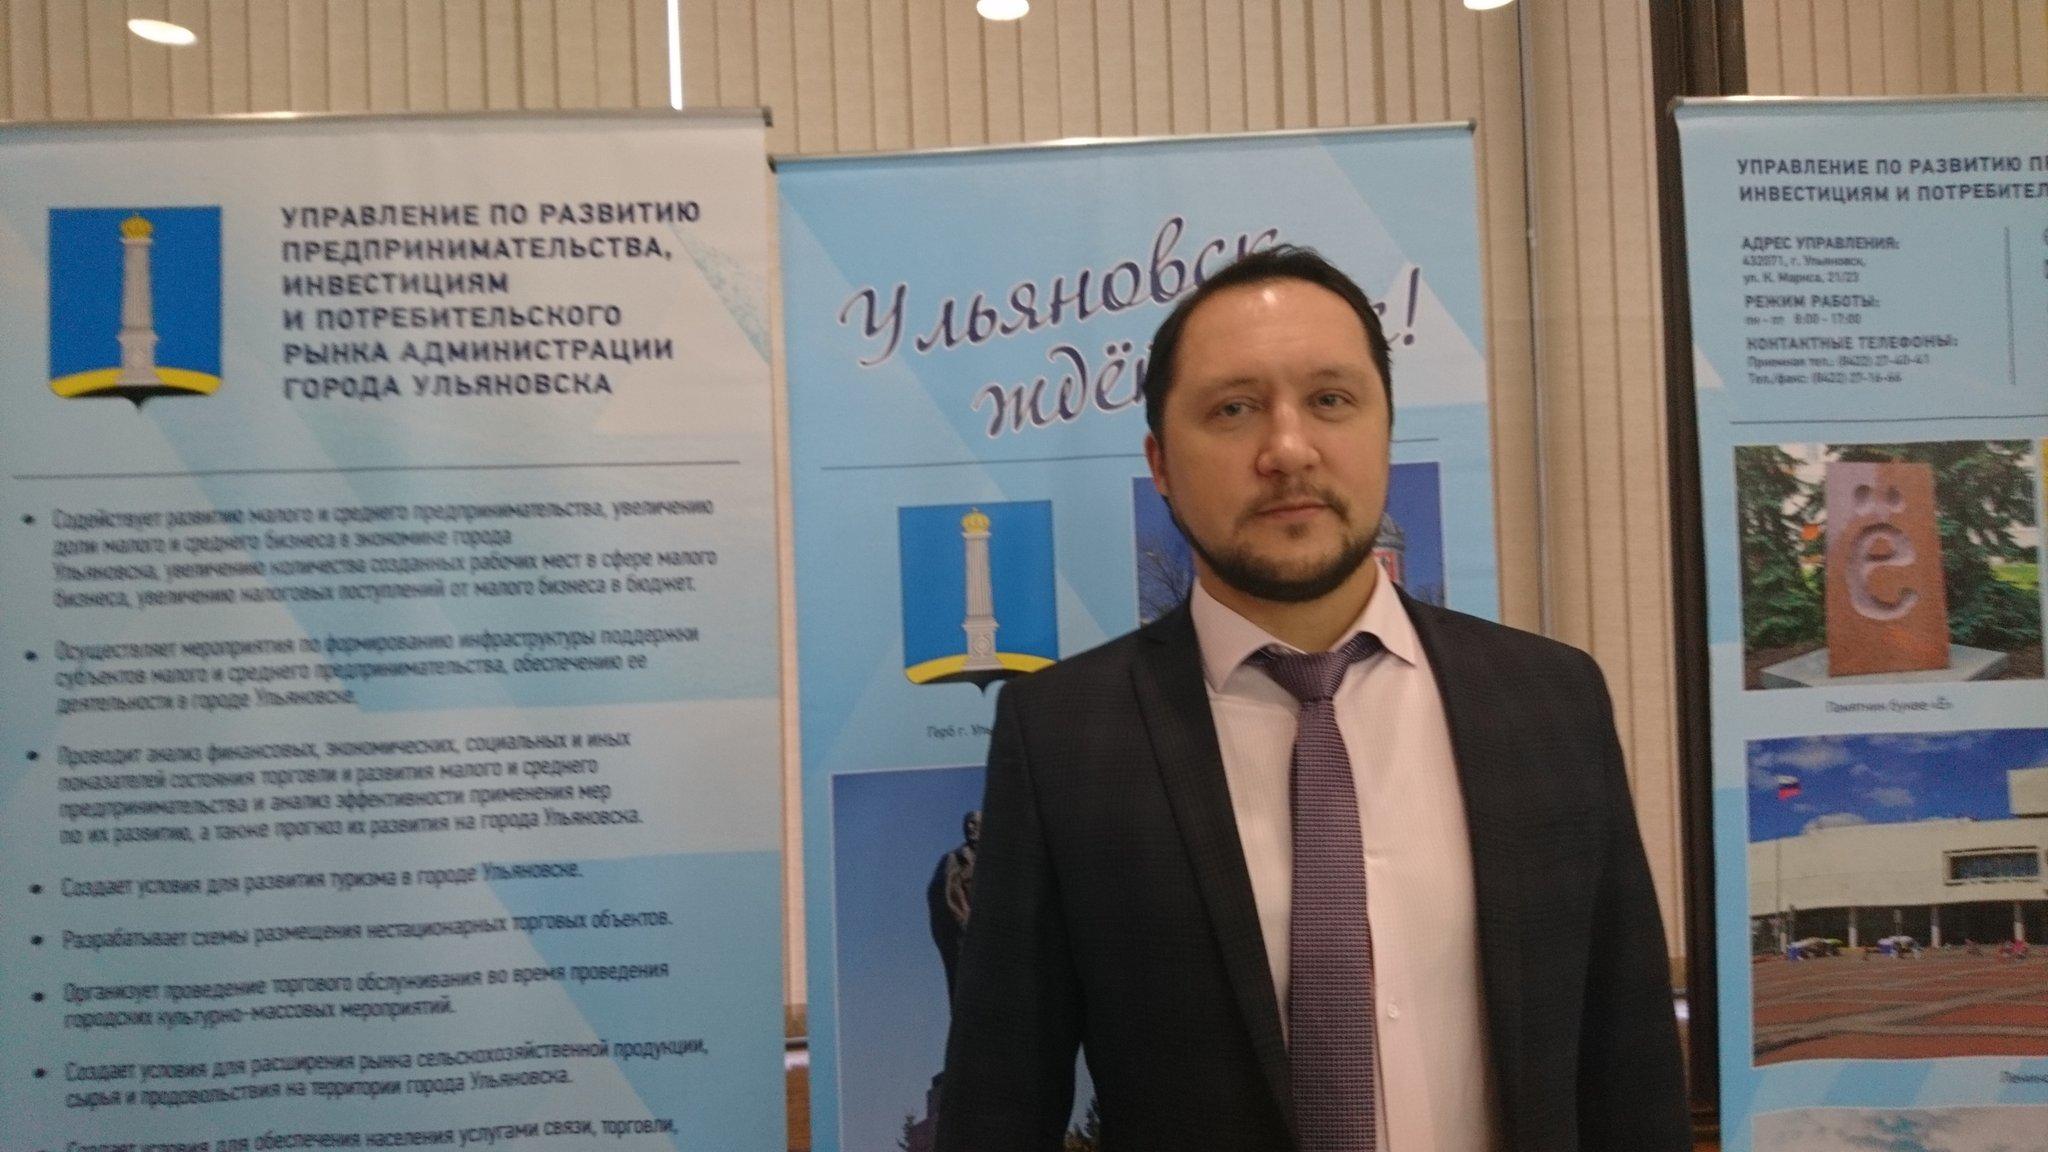 Павел Антонов - начальник управления по предпринимательству Ульяновска - взят с поличным